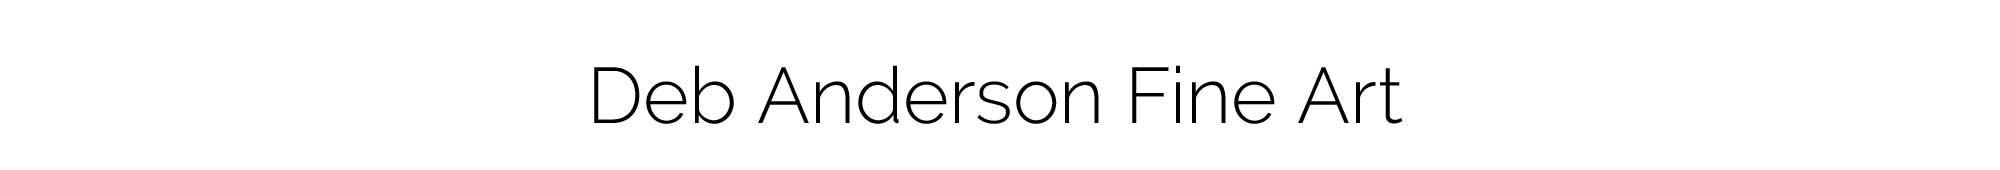 Deb Anderson Fine Art Logo